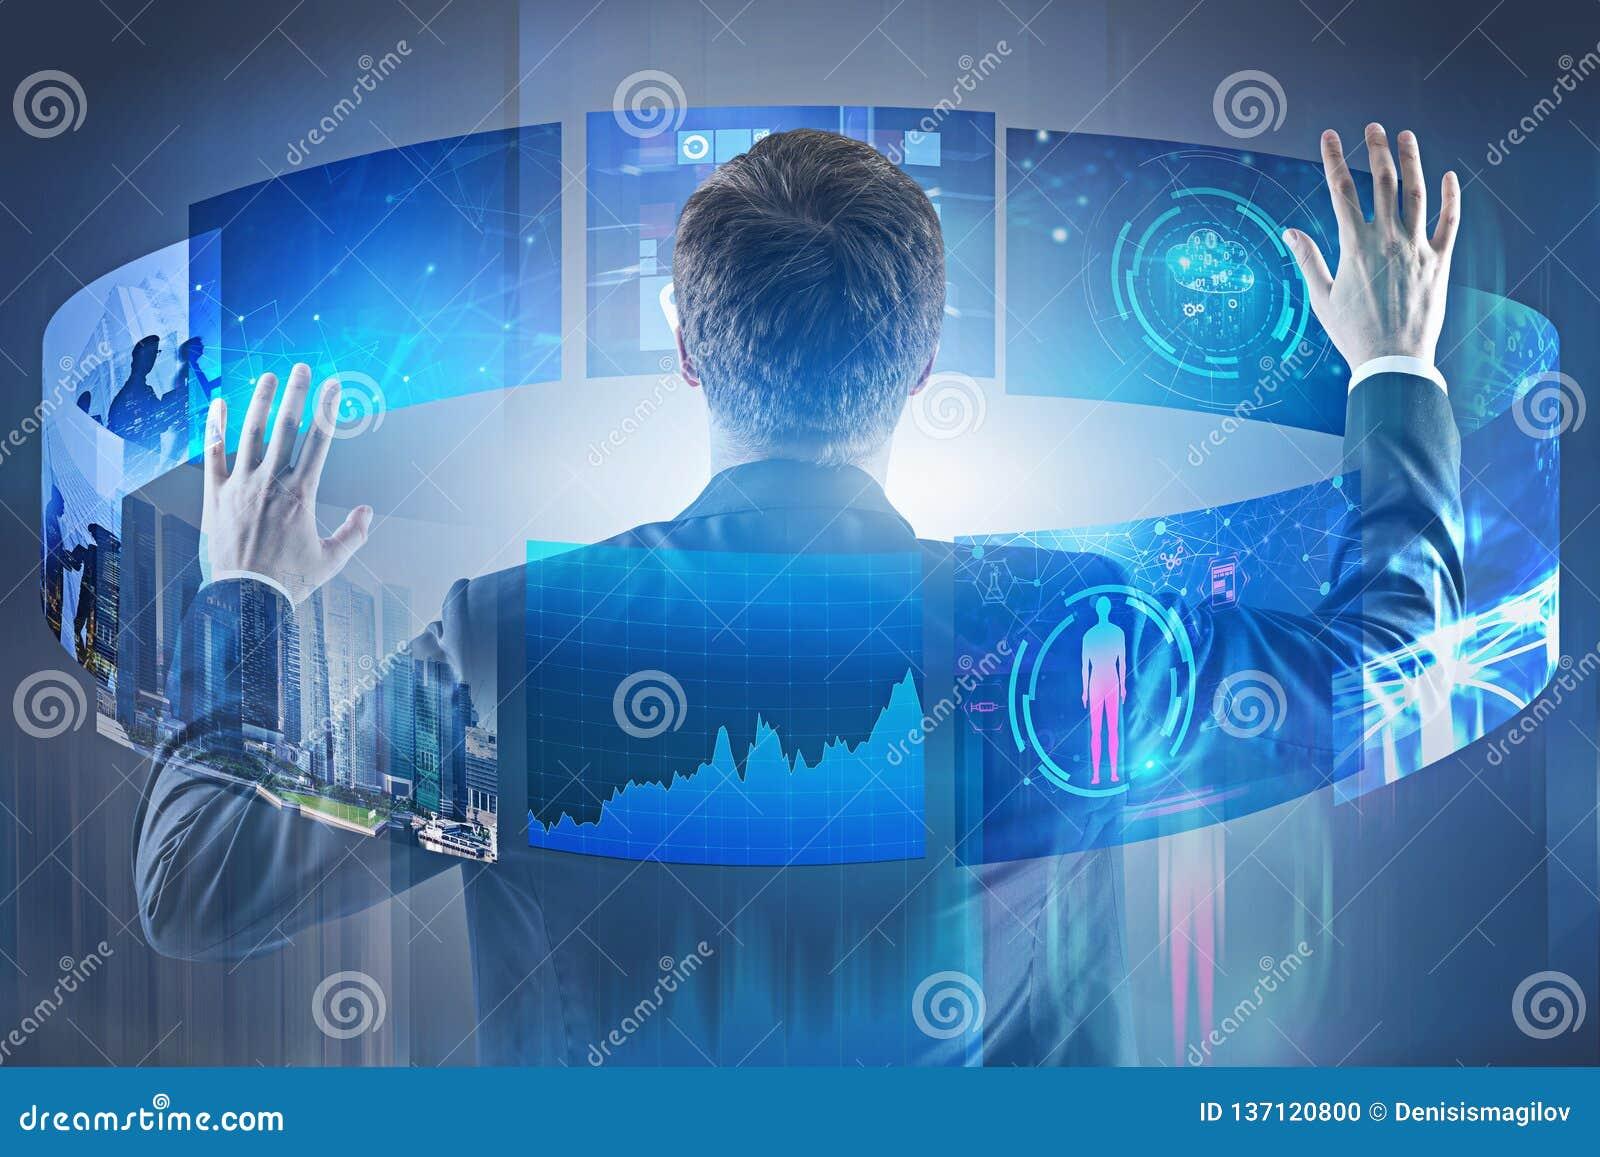 Businessman using telecommunication interface